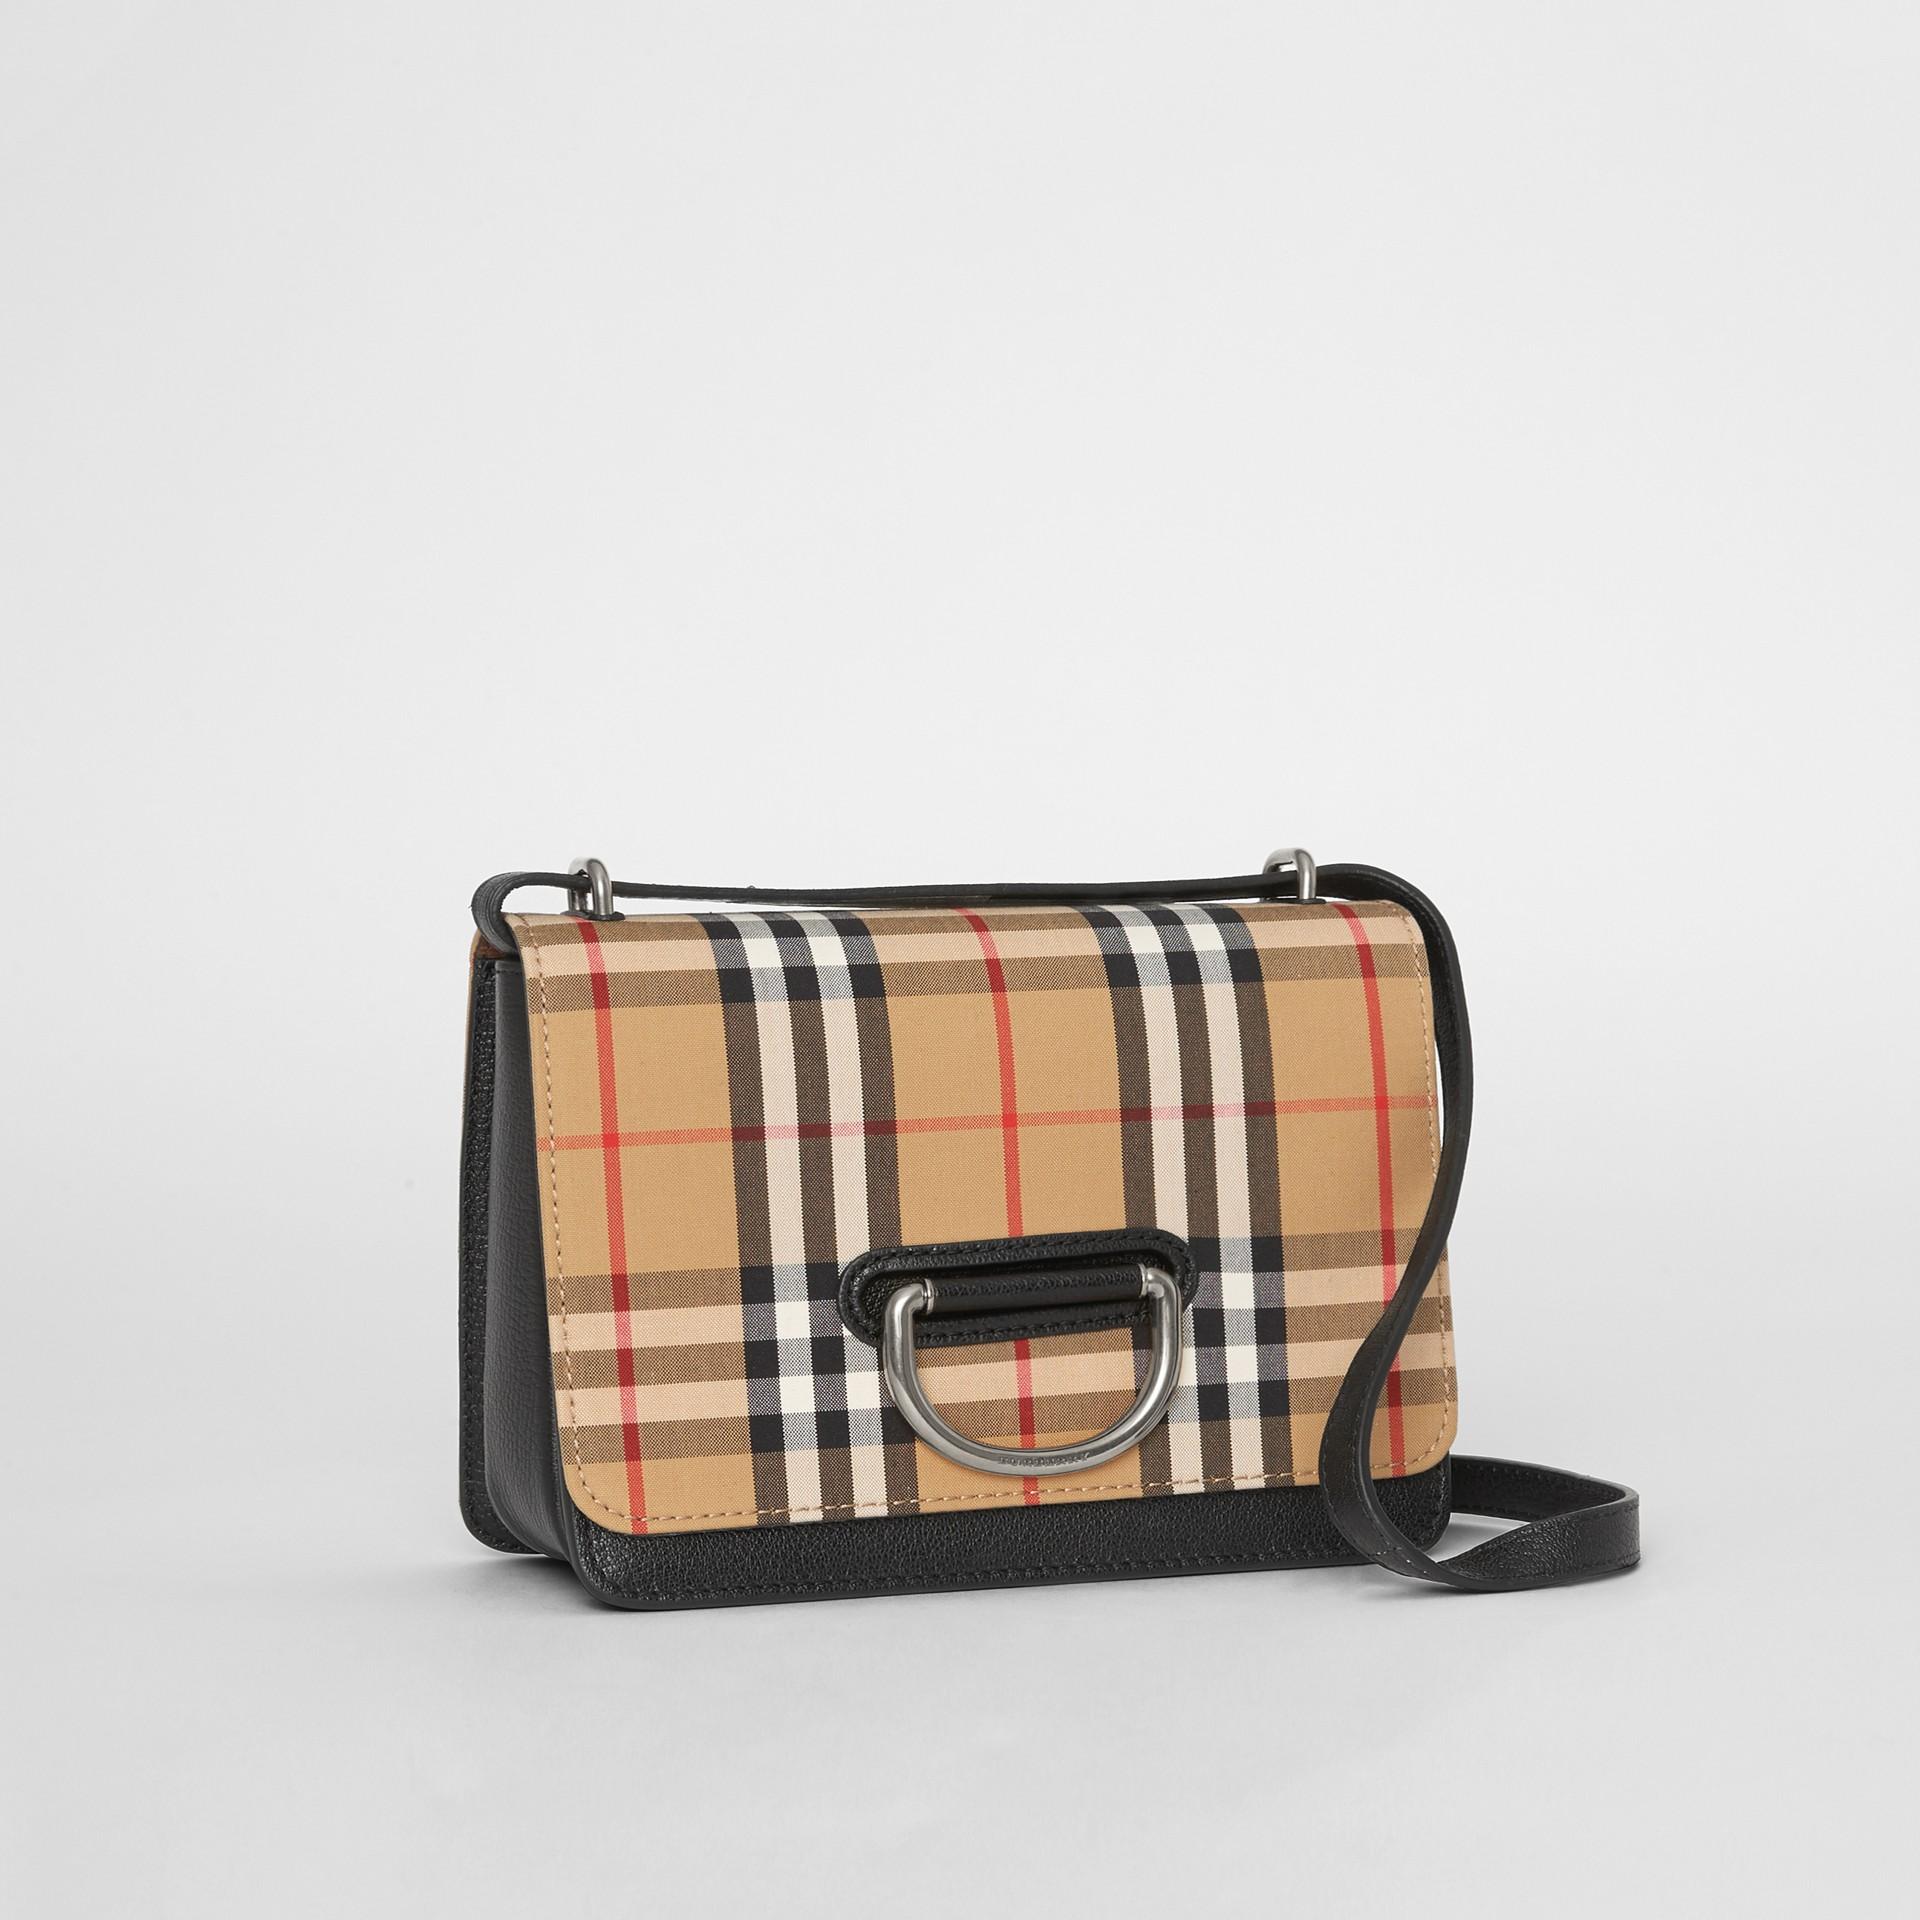 Petit sac TheD-ring en cuir et à motif Vintage check (Noir/jaune Antique) - Femme | Burberry - photo de la galerie 6